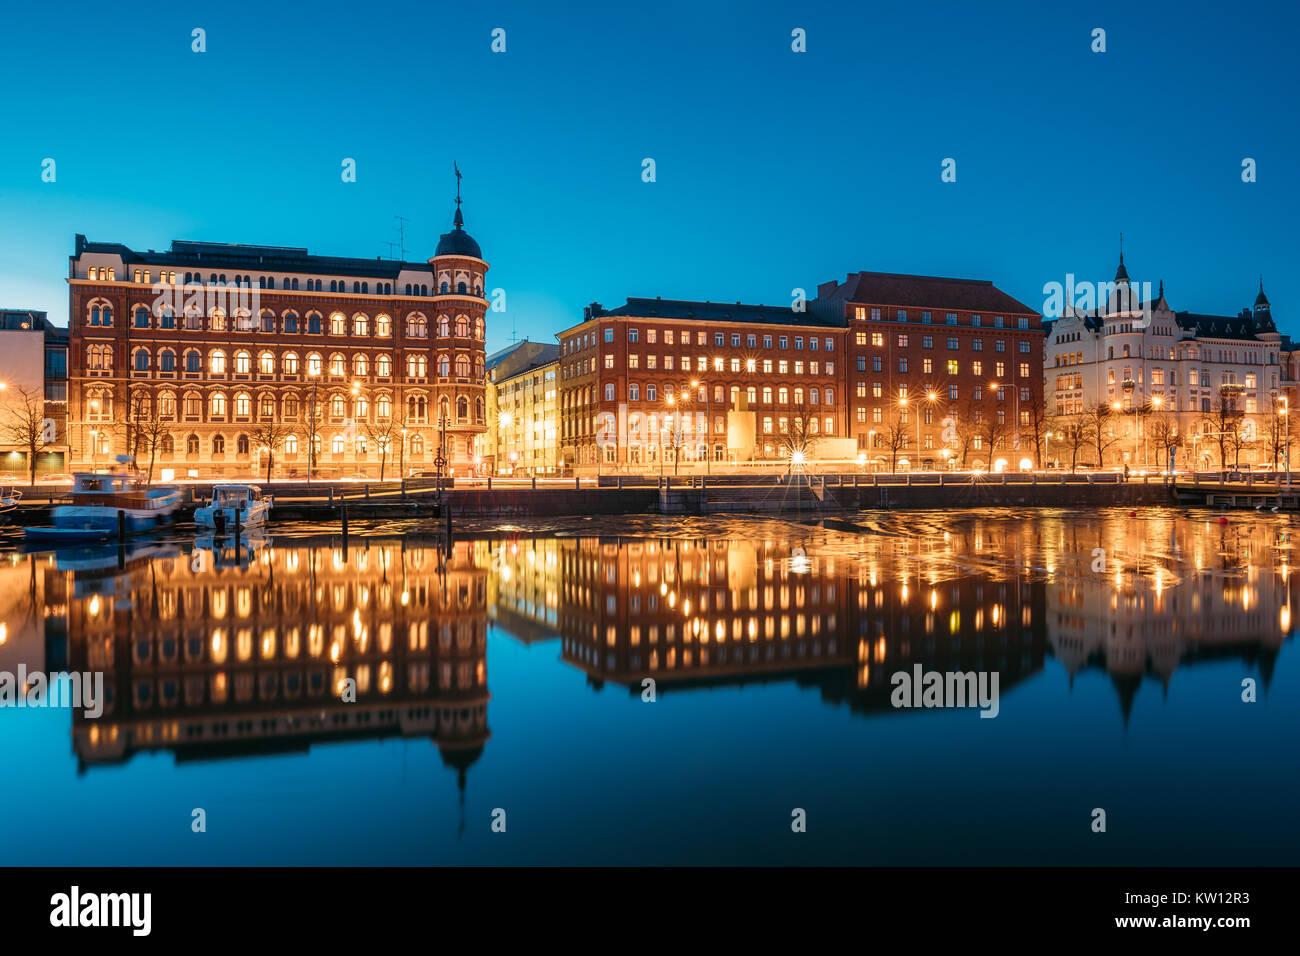 Helsinki, Finnland. Blick auf Pohjoisranta Straße am Abend oder in der Nacht die Beleuchtung. Stockbild